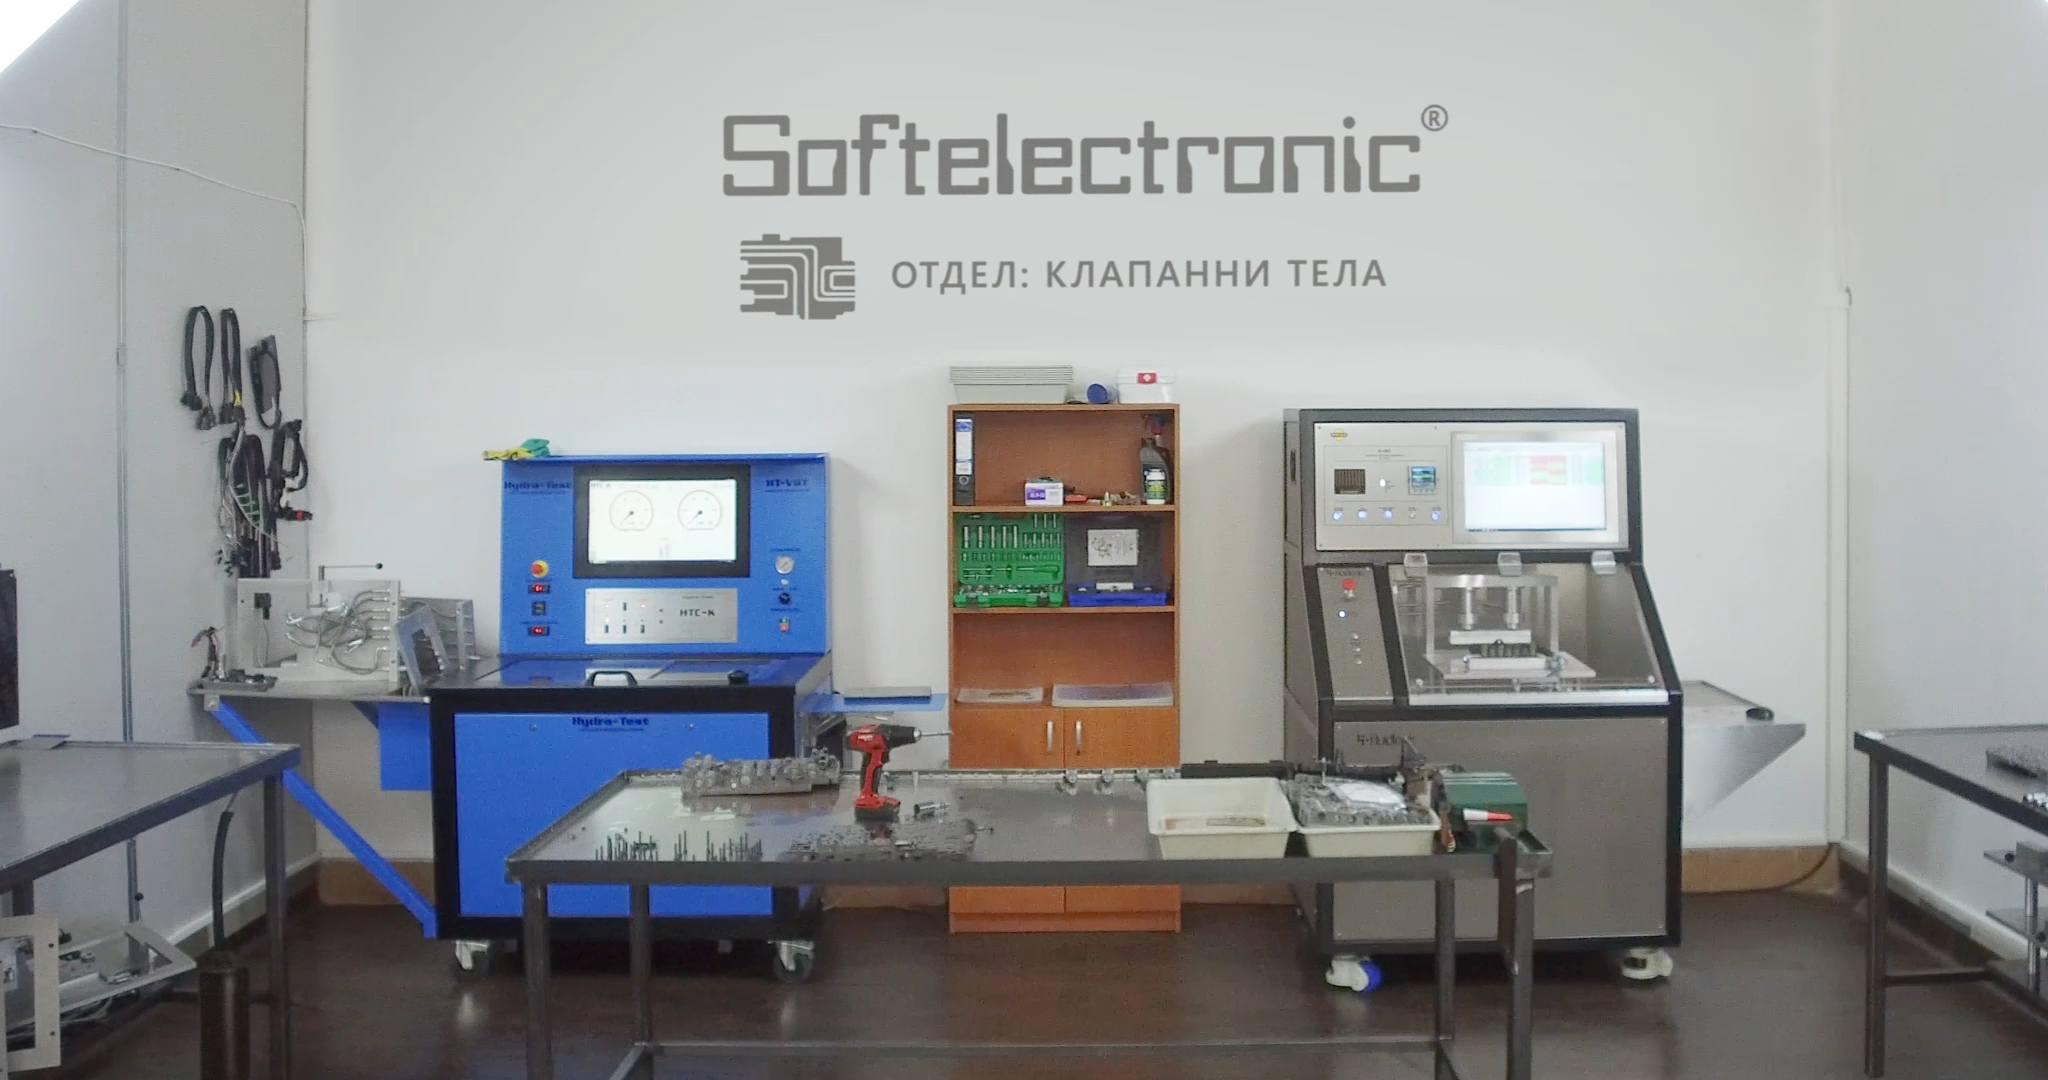 Софтелектроник